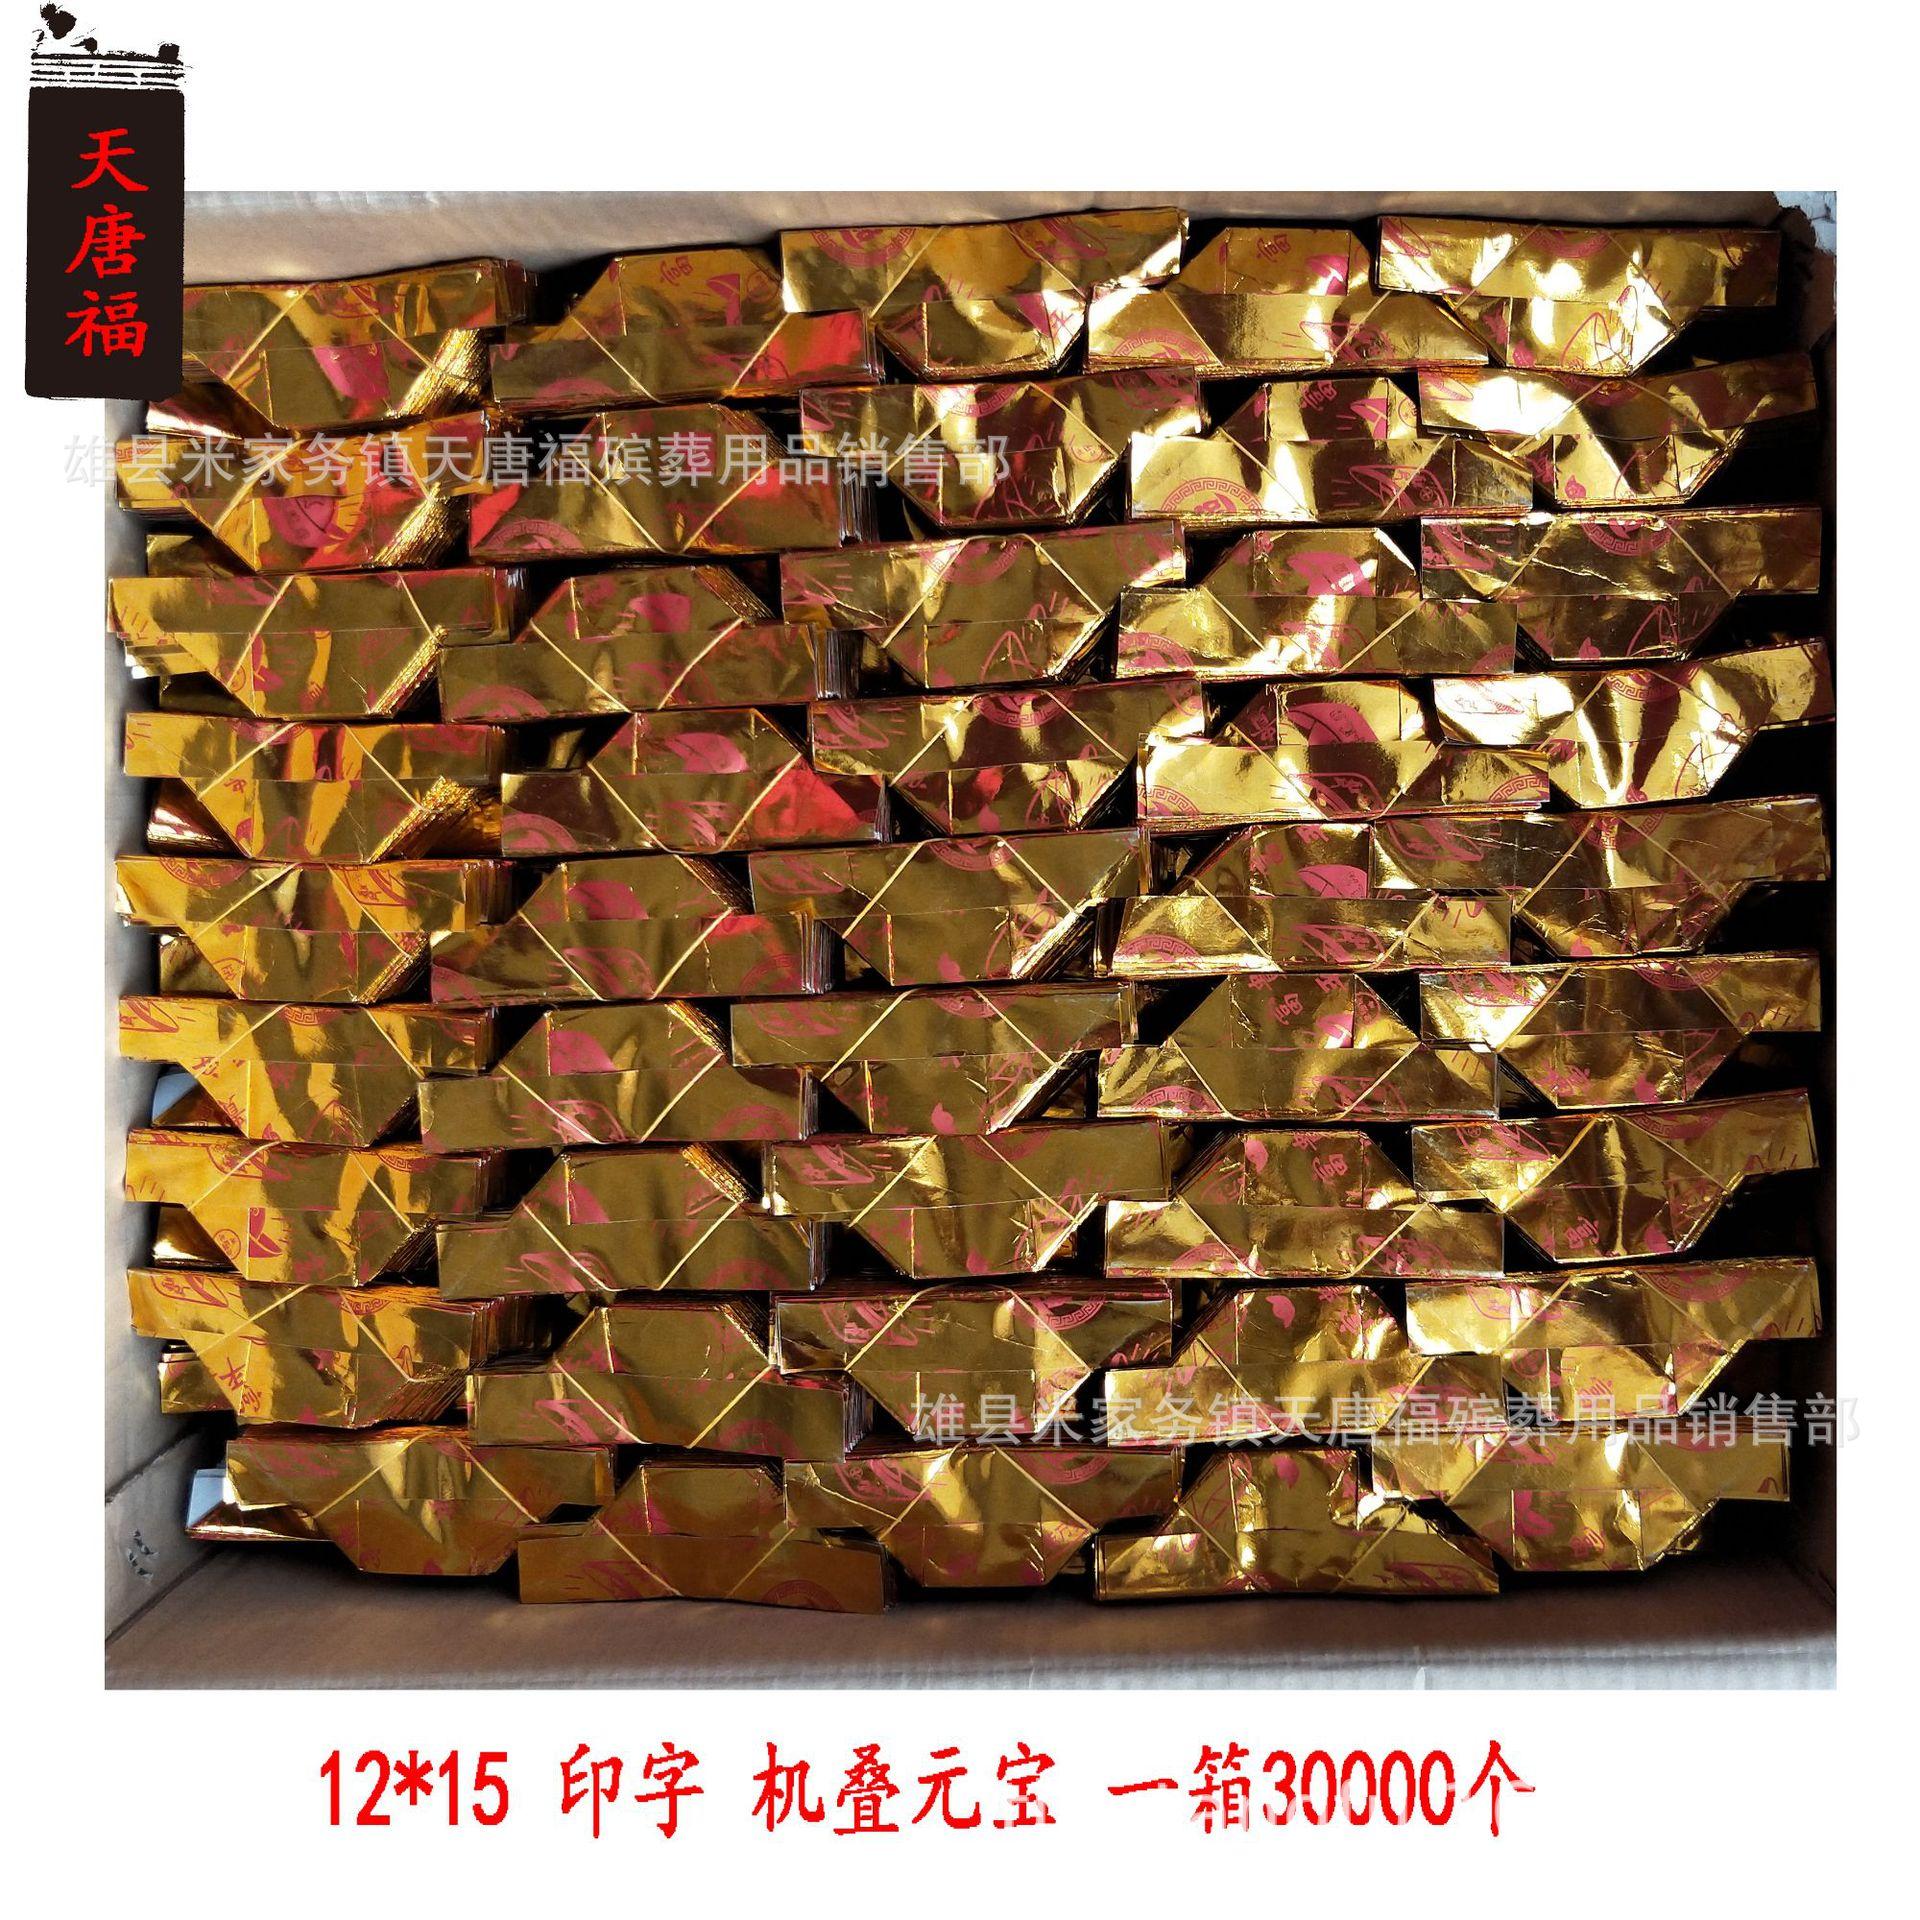 厂家直销  12*15 一件3万个 免叠元宝 带字机叠元宝殡葬用品祭祀